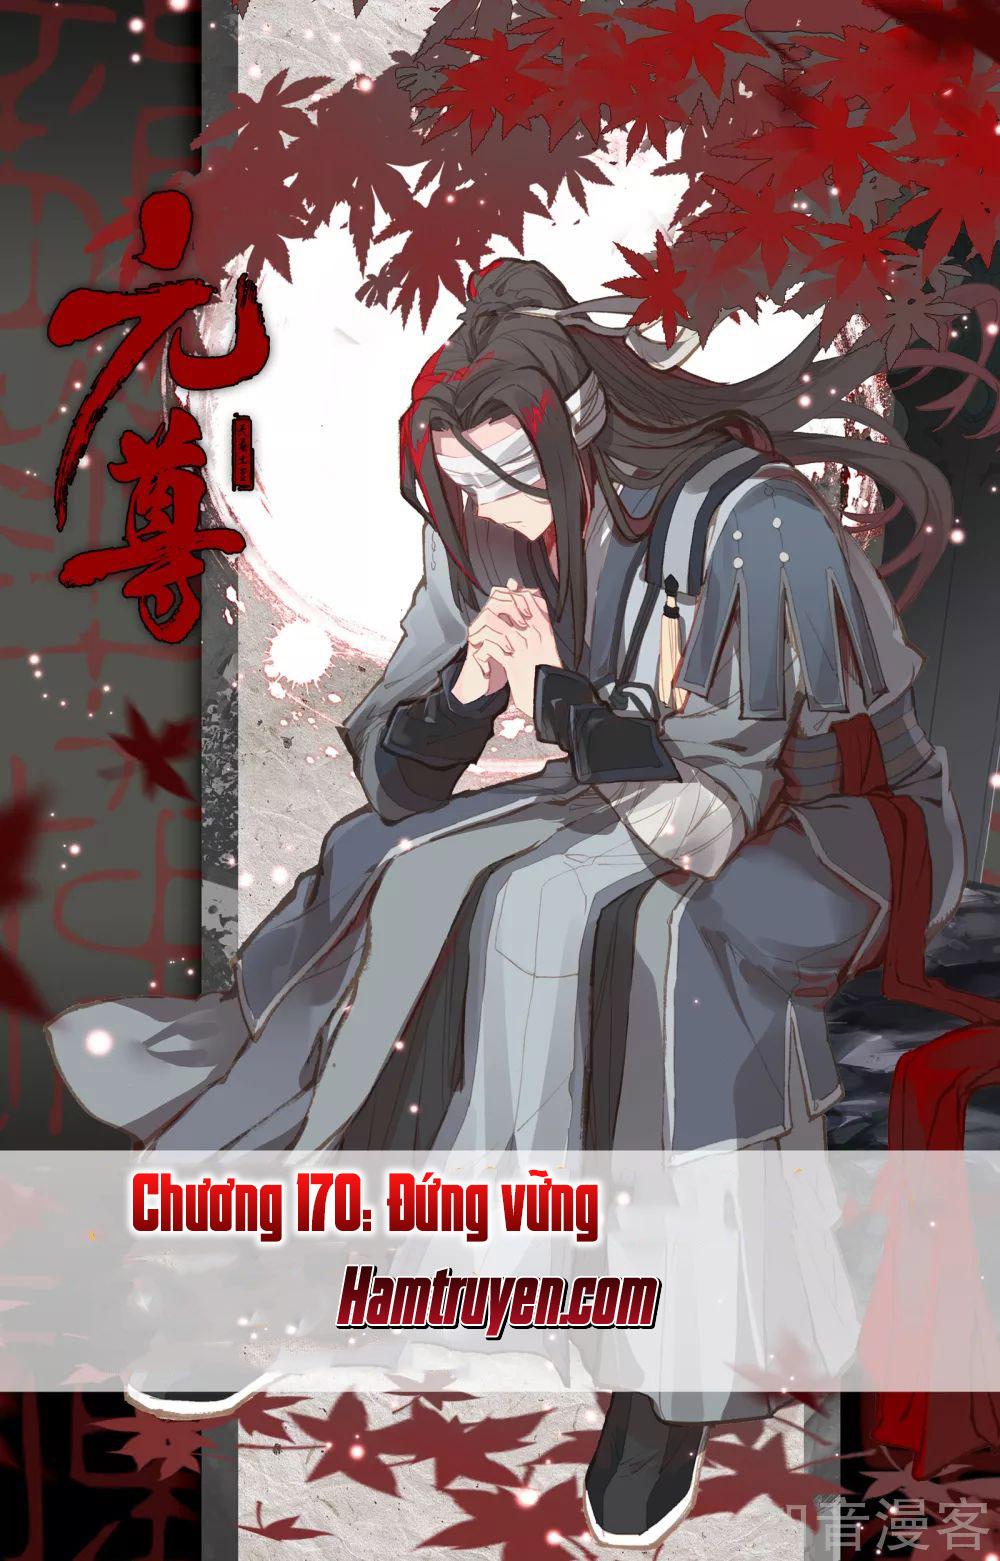 Nguyên Tôn Chapter 170 video - Hamtruyen.vn